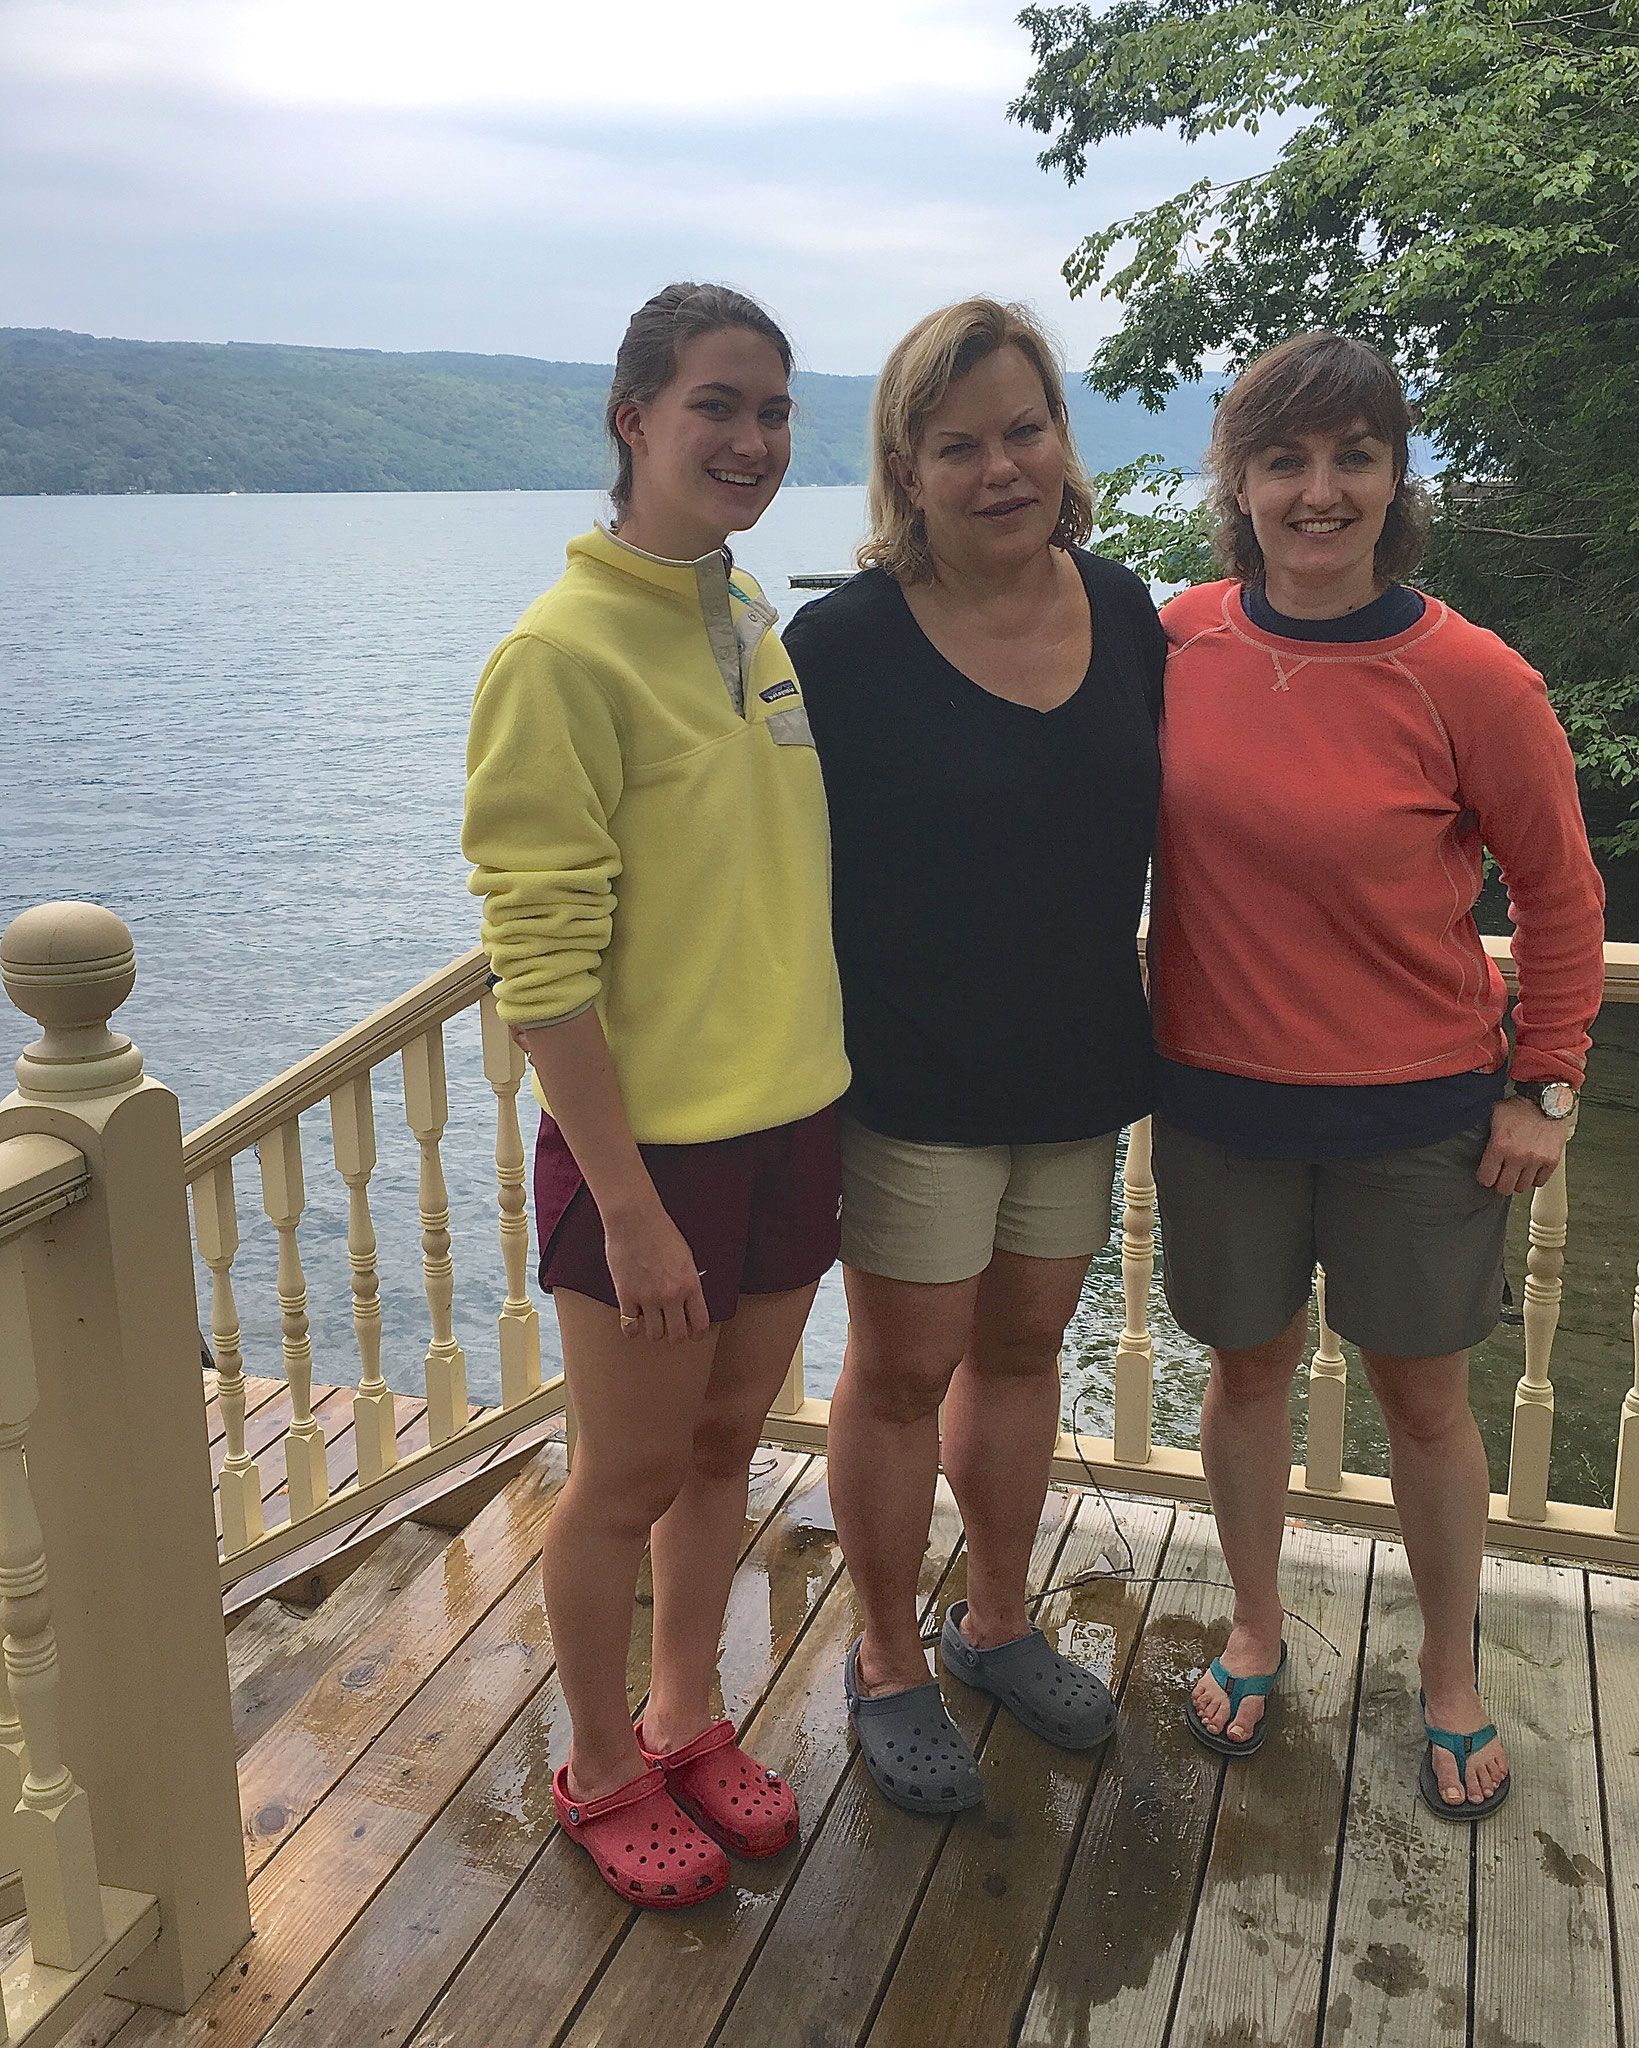 Ellie K., Celeste, & Wendy (Barner), Susan's daughter, at Skaneateles Lake, 7-2017